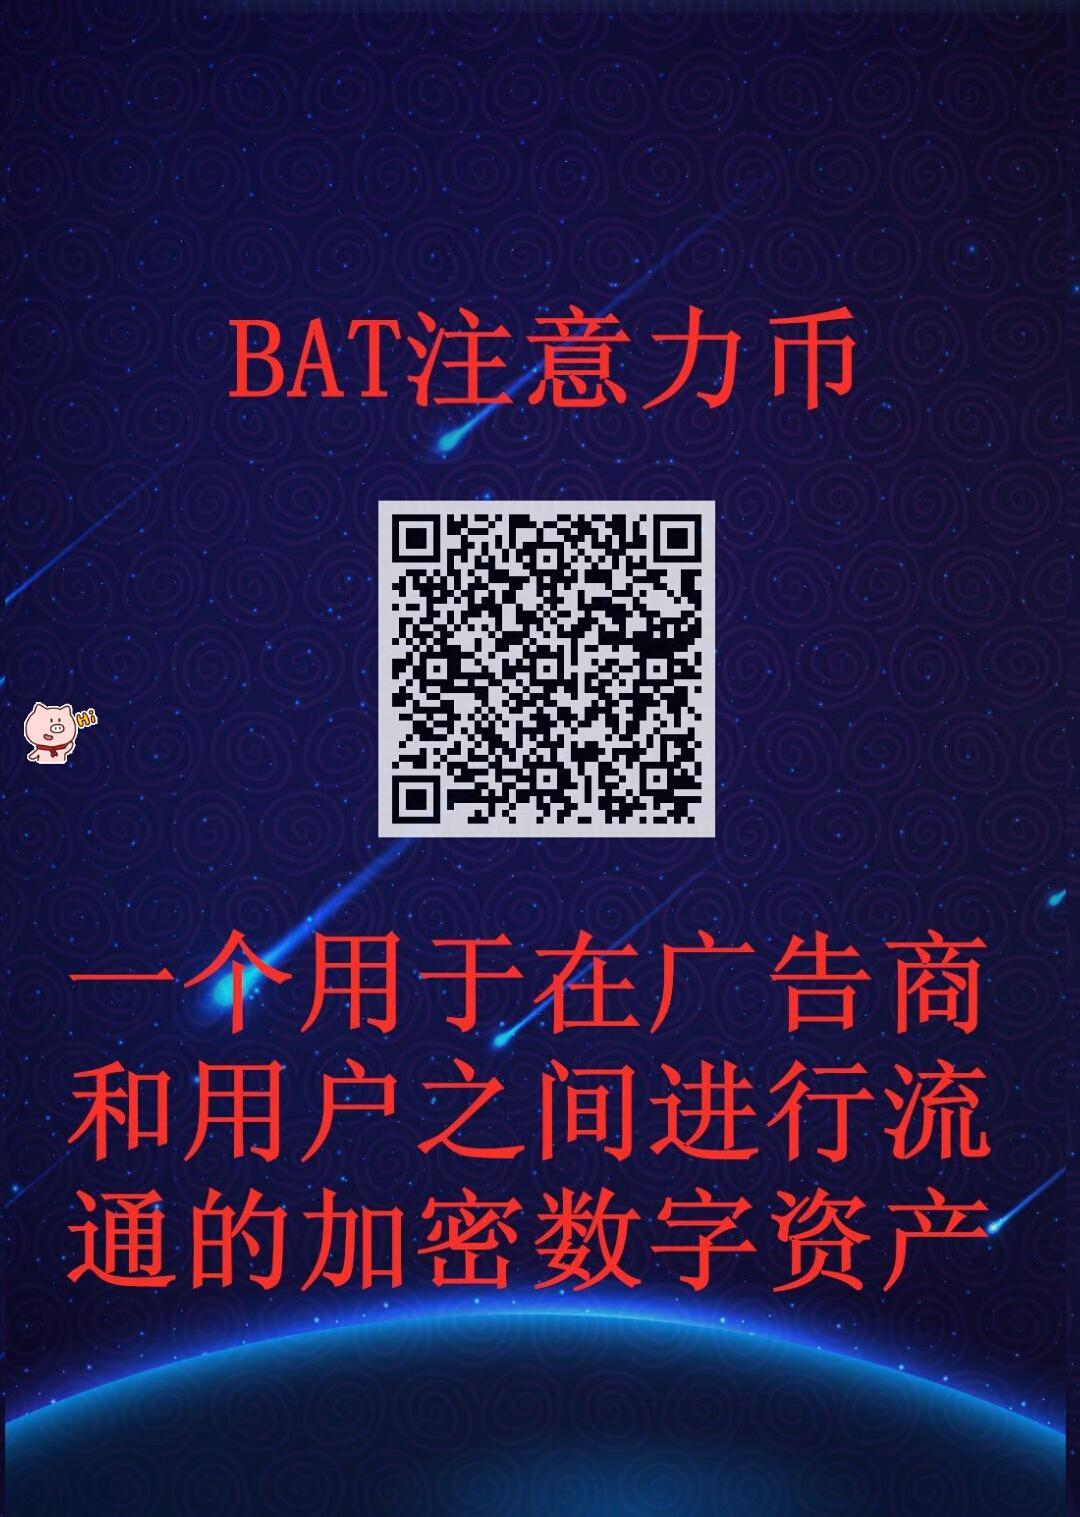 BAT是互联网广告业数字通证,BAT注意力币已上71家交易所